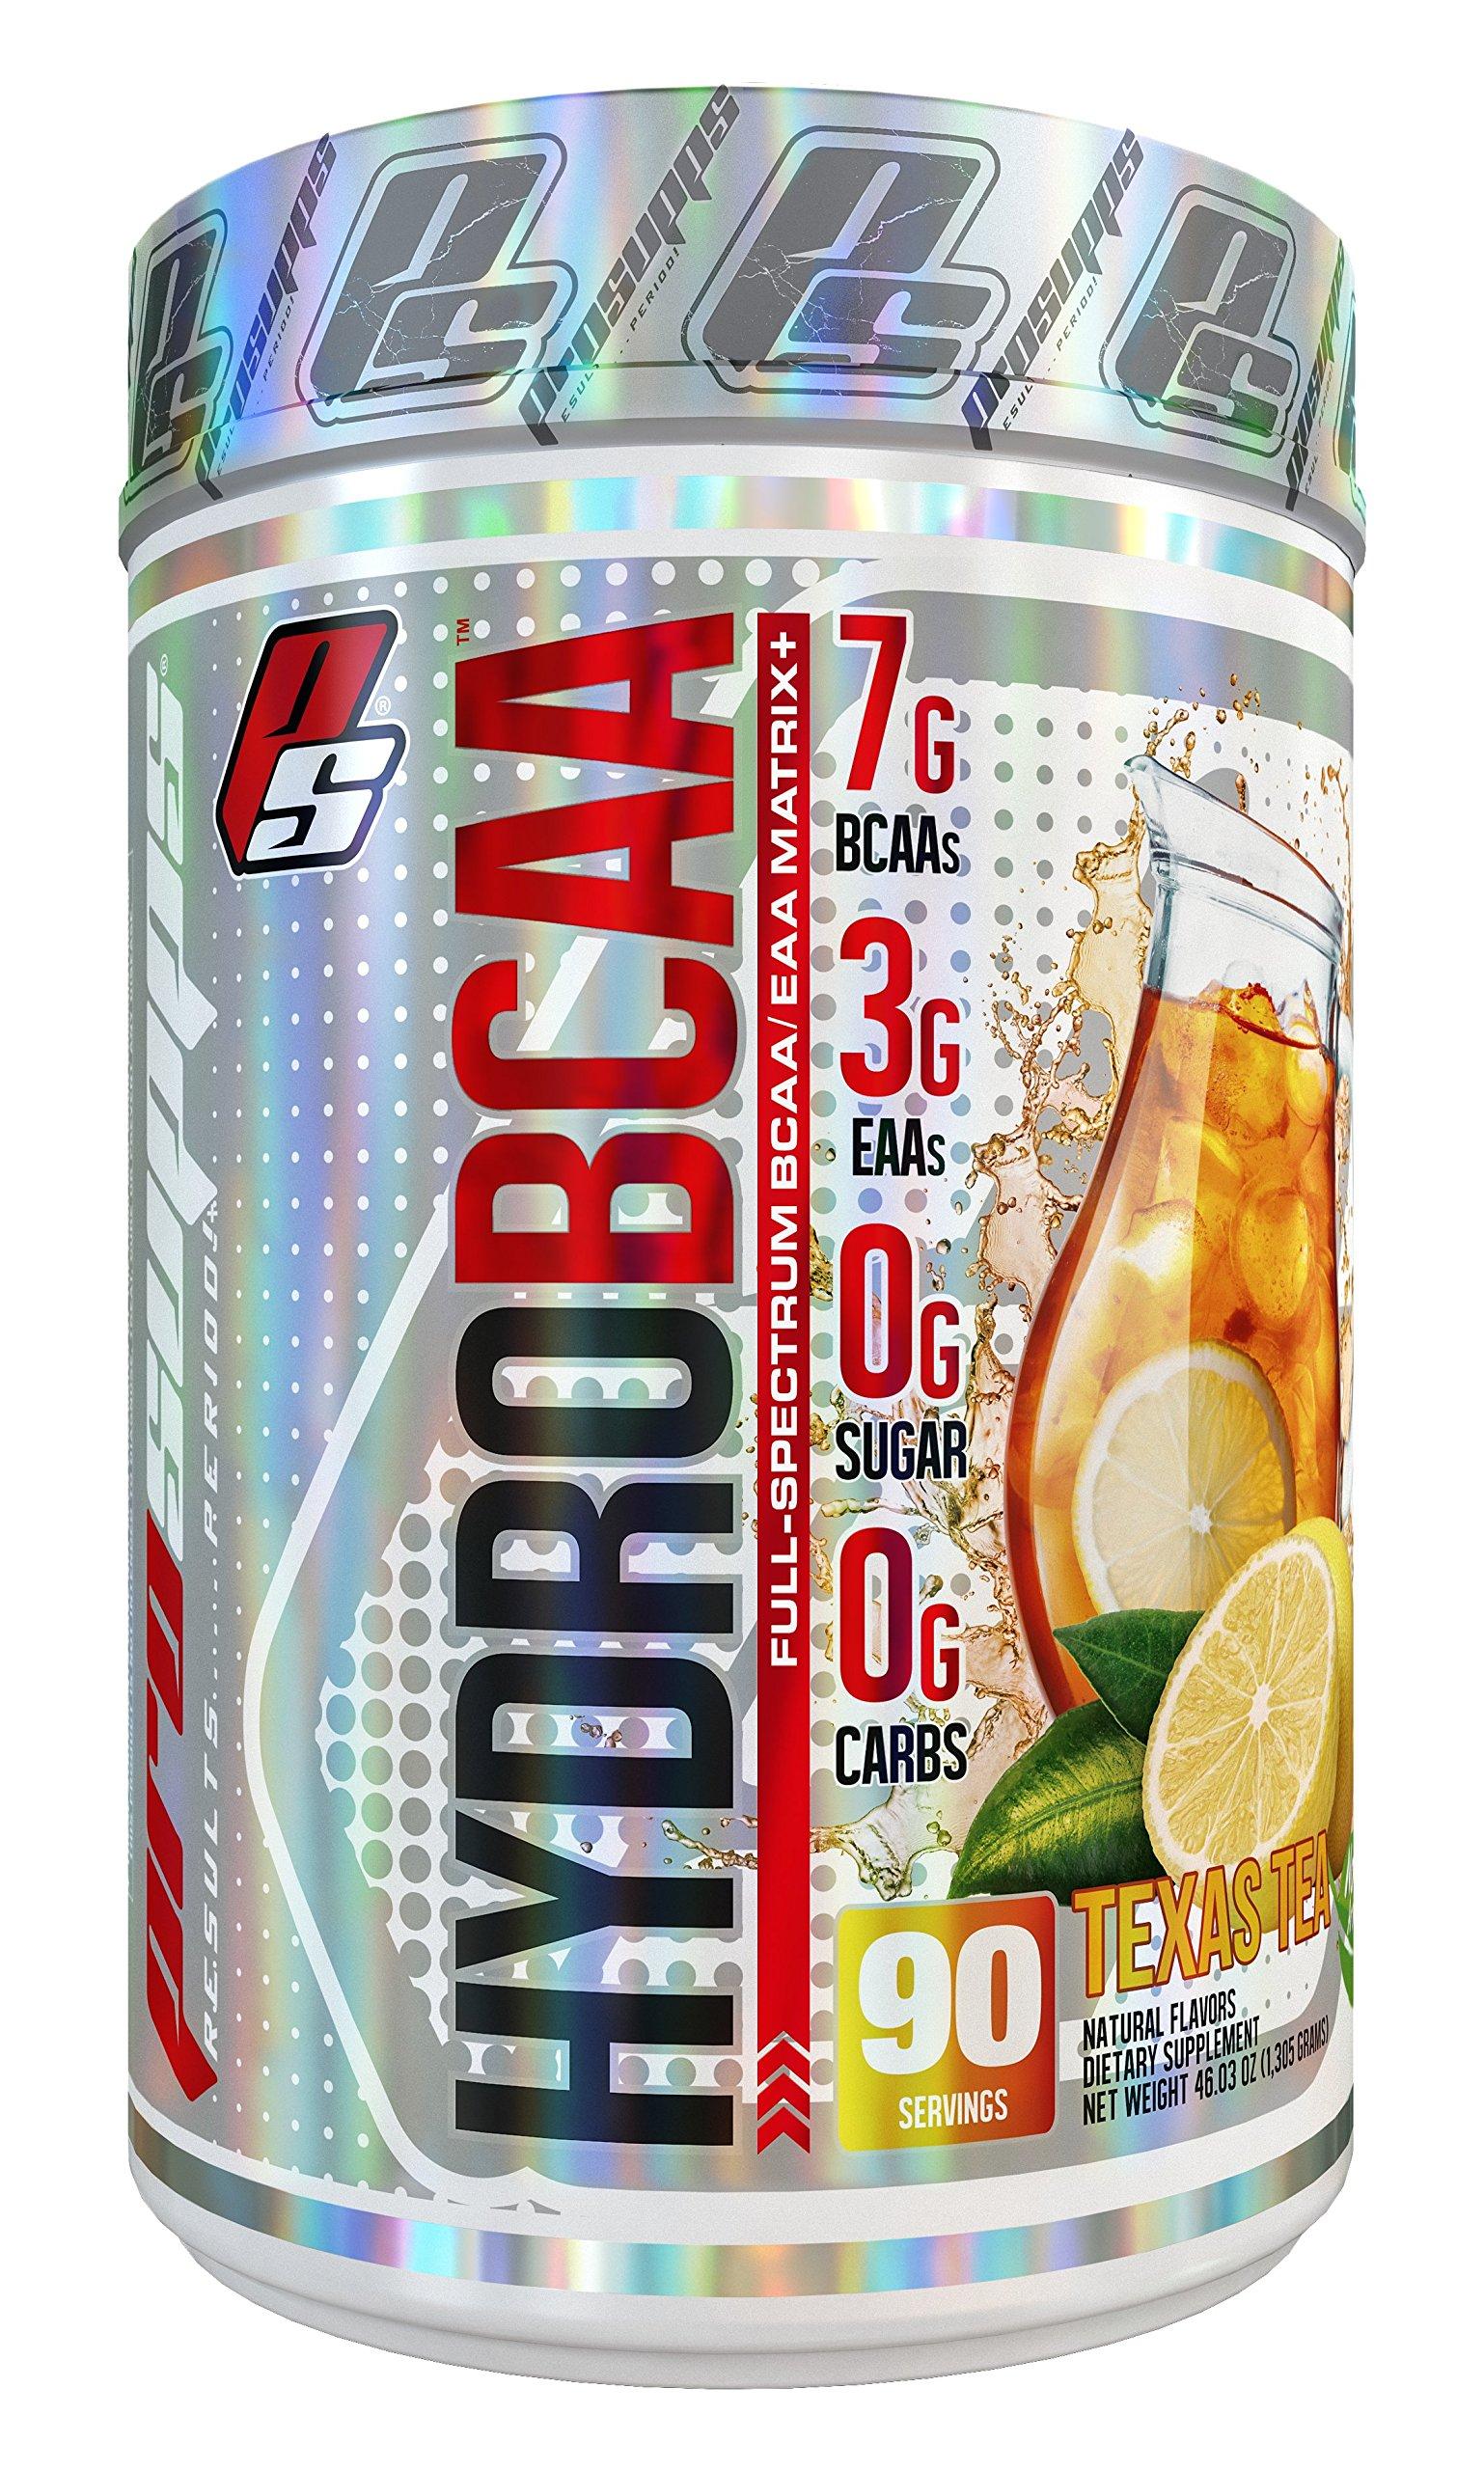 HydroBCAA BCAA / EAA Full Spectrum, 7g BCAAs, 3g EAAs, 0g Sugar, 0g Carbs, 90 Servings 46.03 oz. (Texas Tea Flavor)